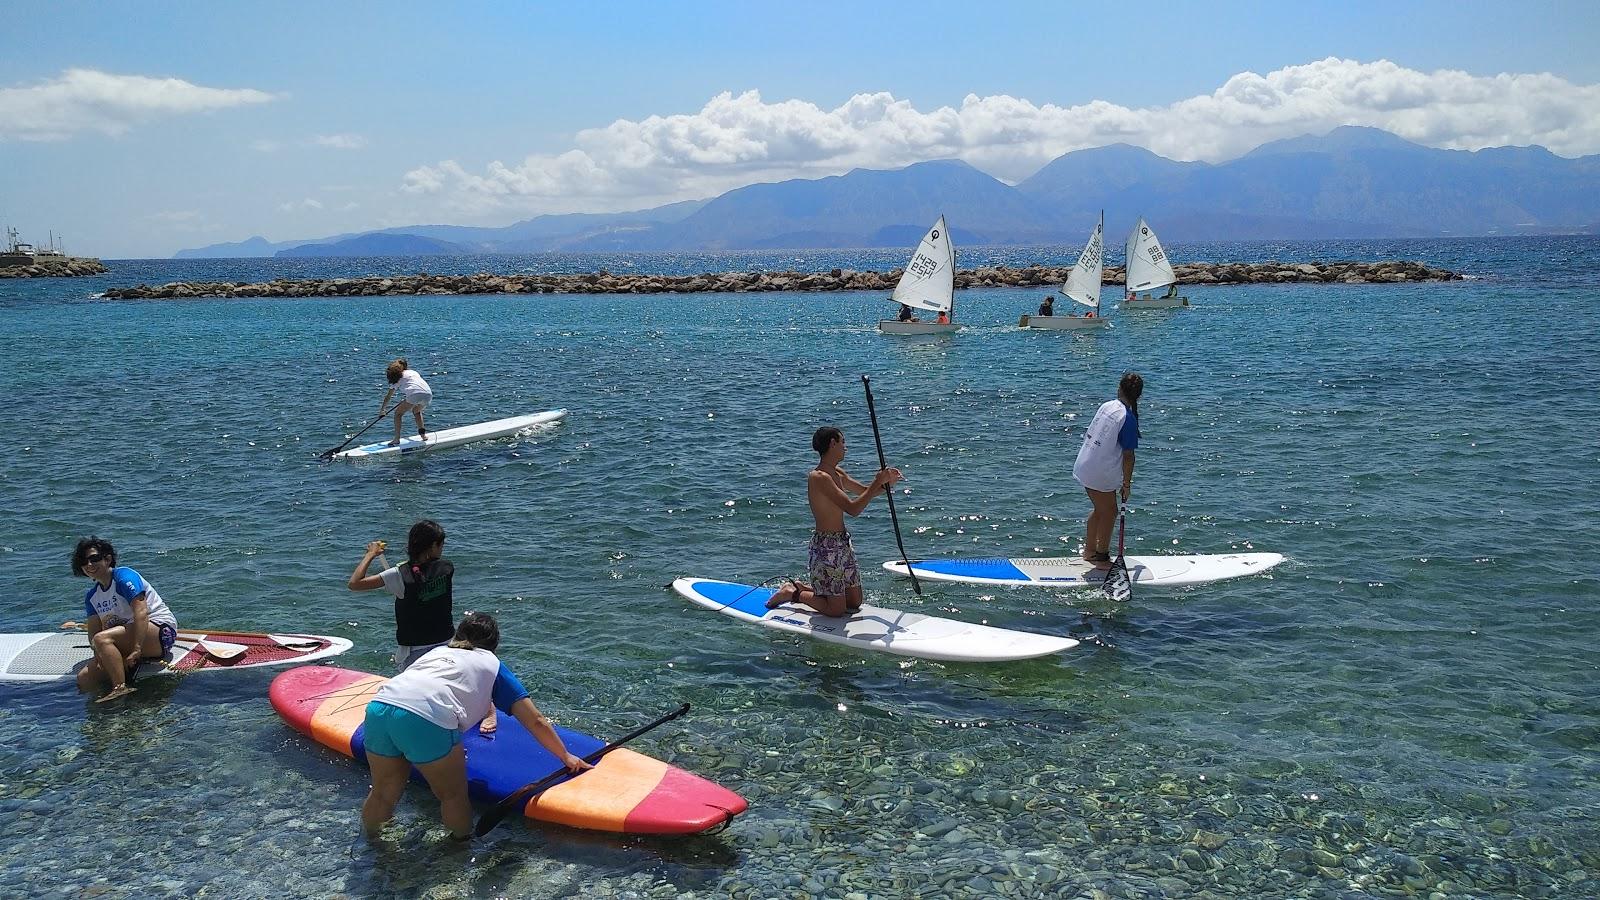 Coronavirus: Irish Hoping to Holiday in Greece from June